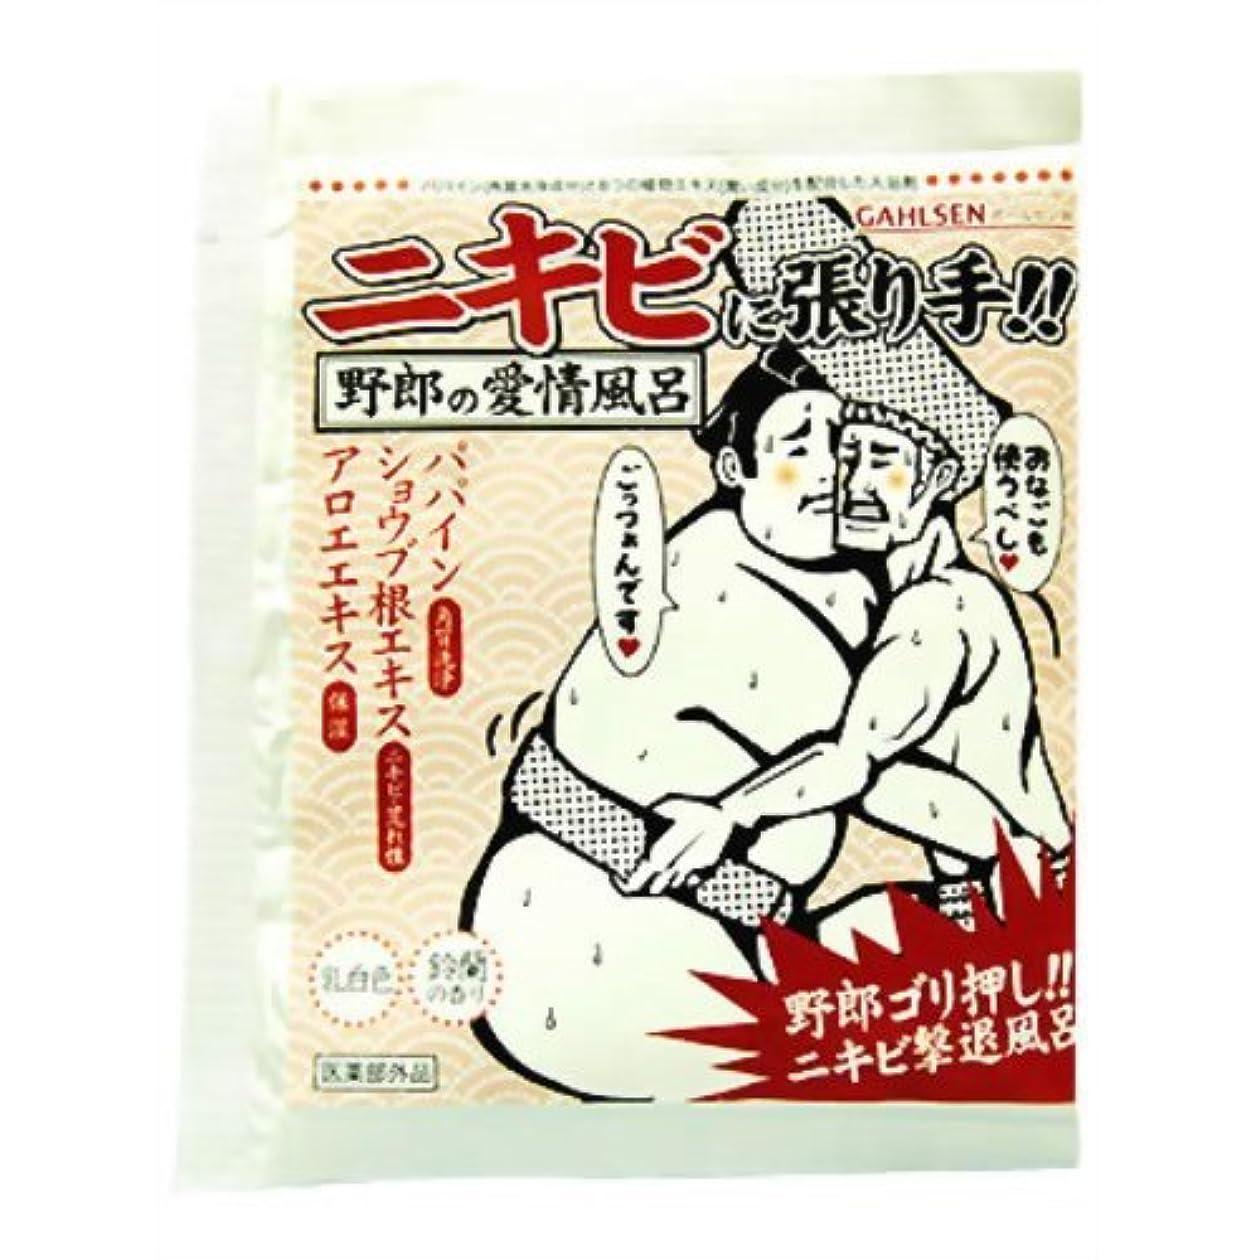 アマゾンジャングル差別する覗くガールセンW 25g*10袋(入浴剤)